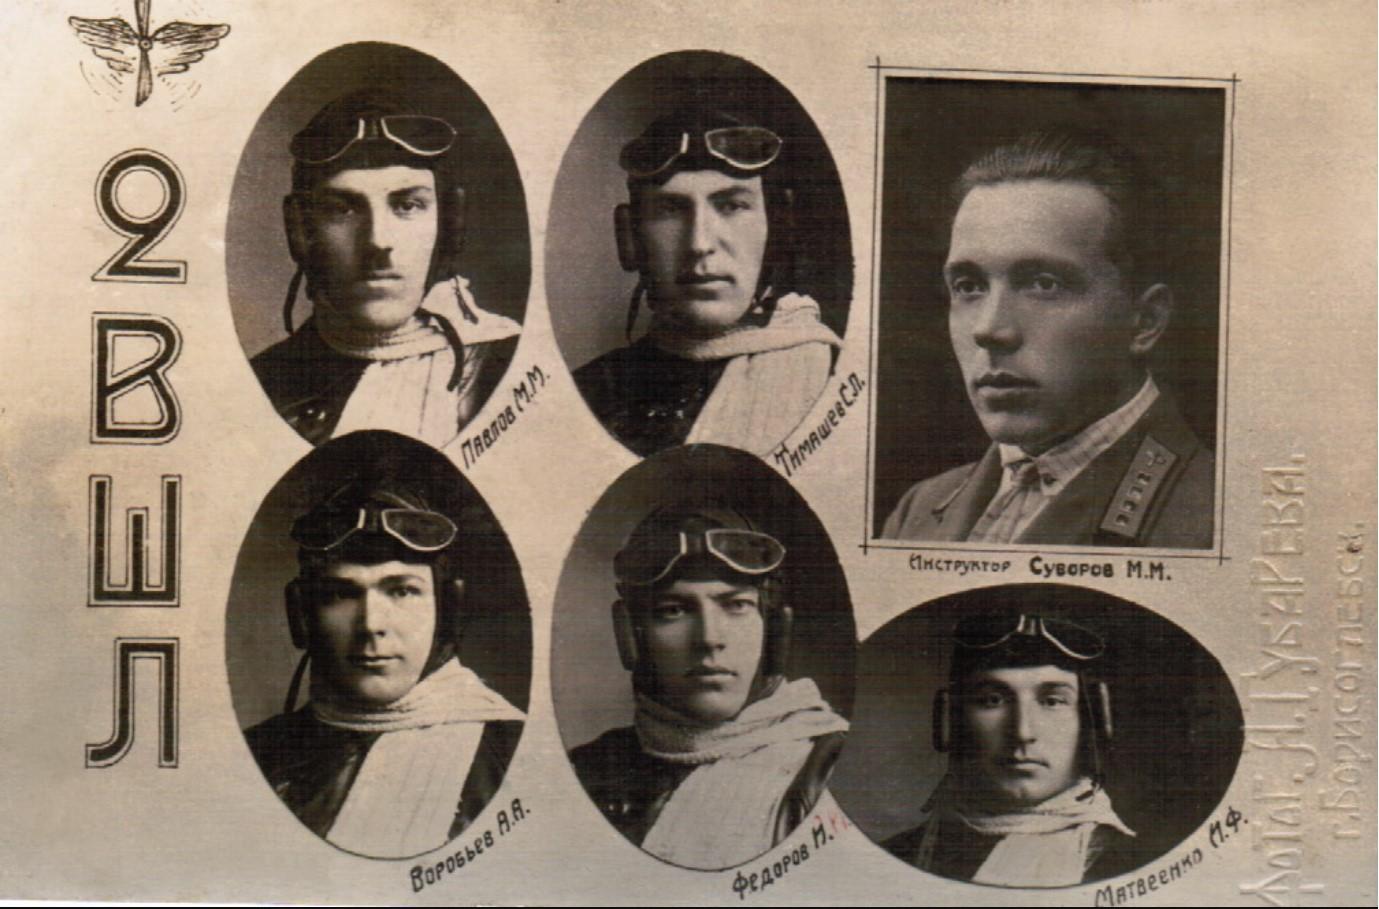 1926. Группа инструктора Суворова М.М.